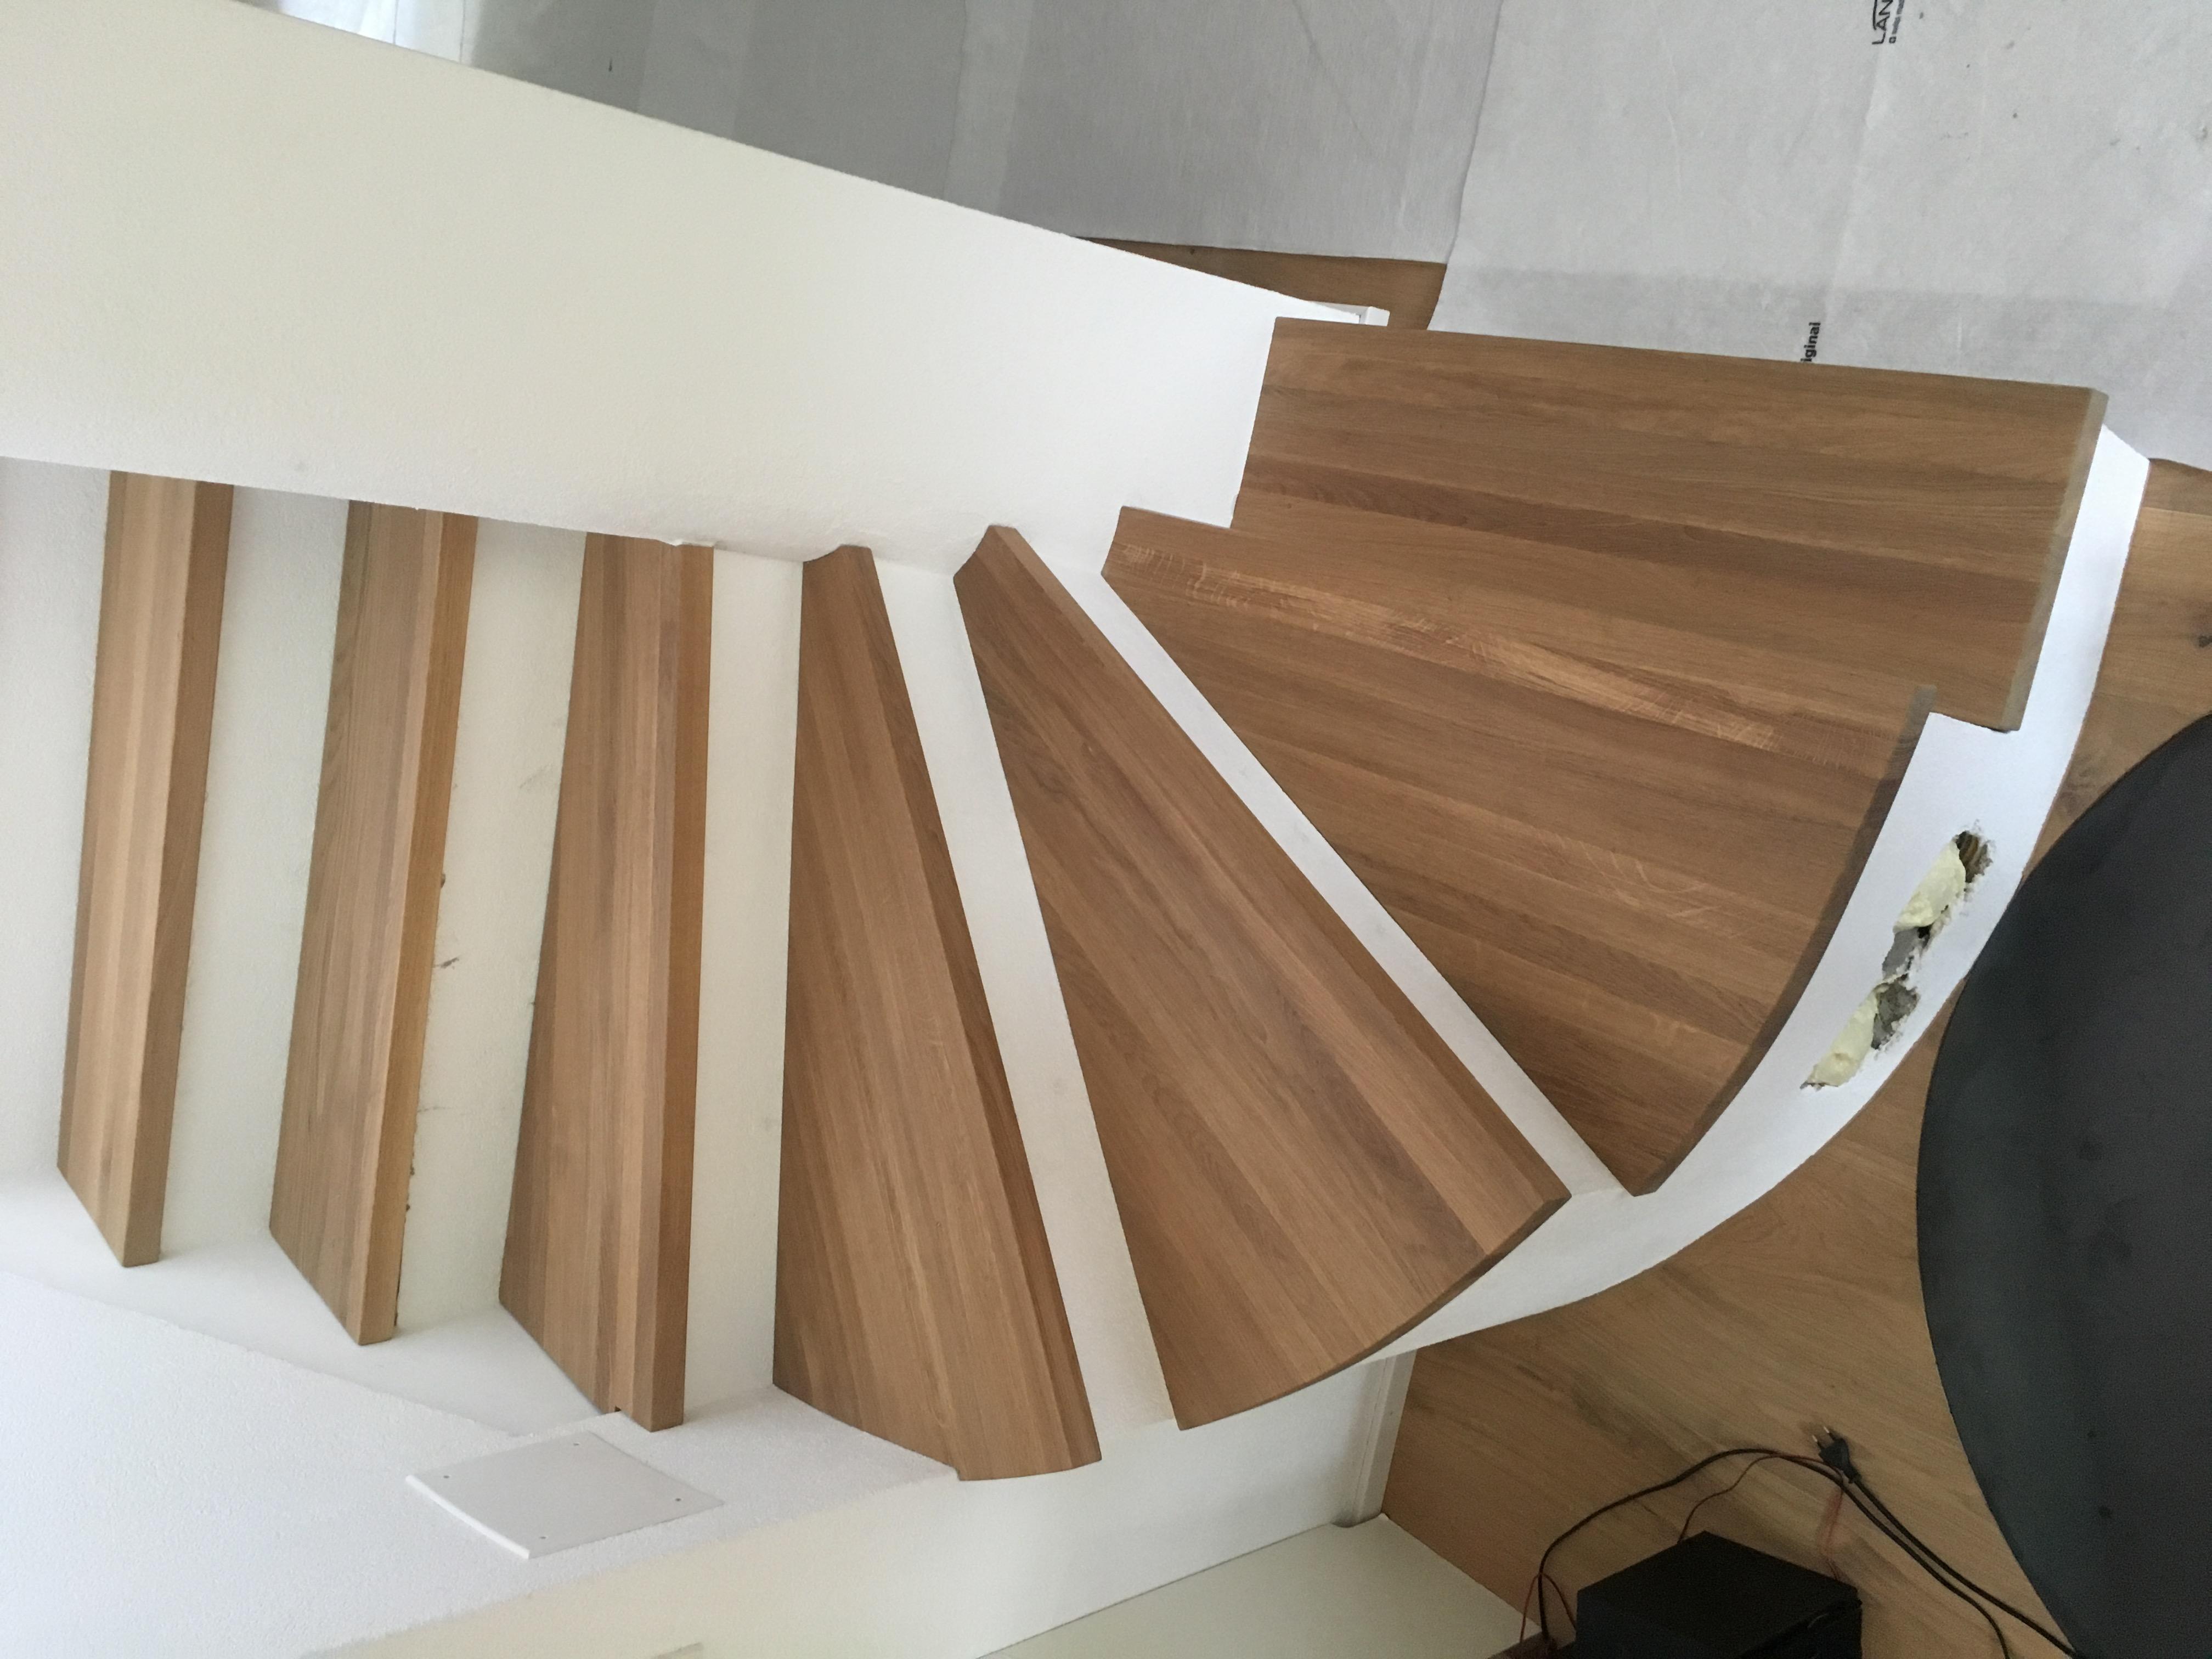 Marches en bois sur escalier béton